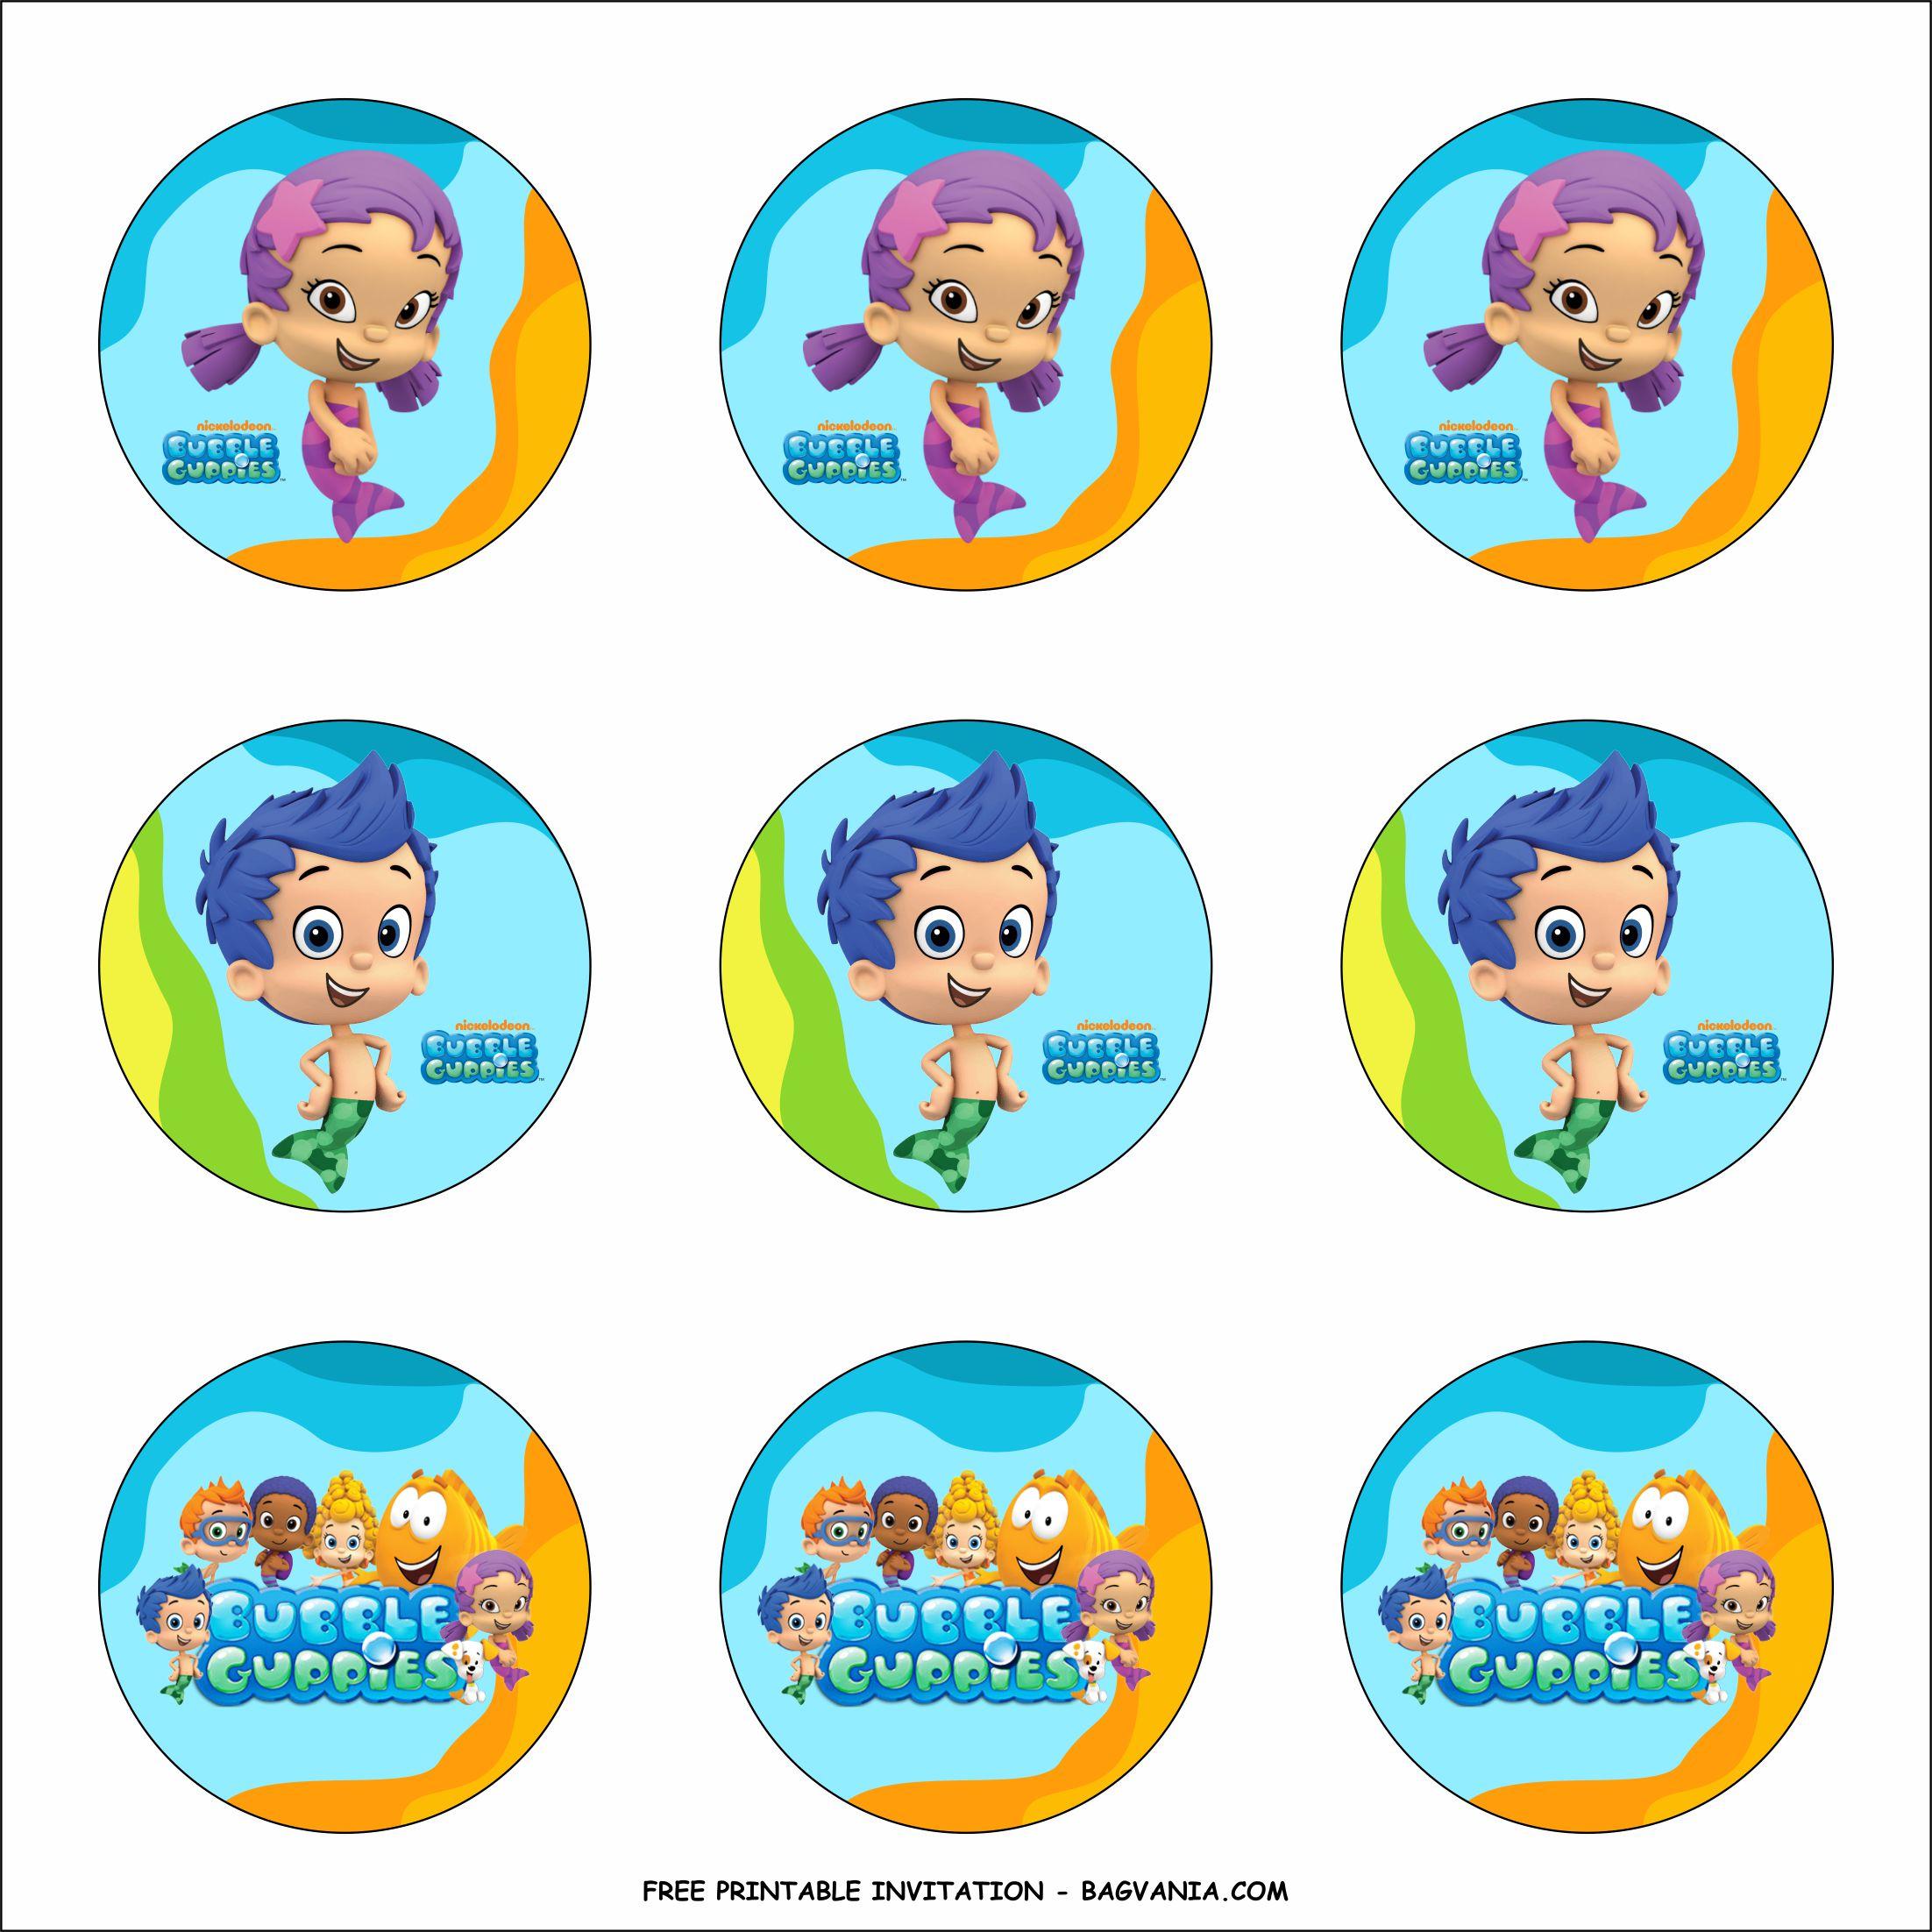 Free Printable Bubble Guppy Birthday Party Kits Template Free Printable Birthday Invitation Templates Bagvania